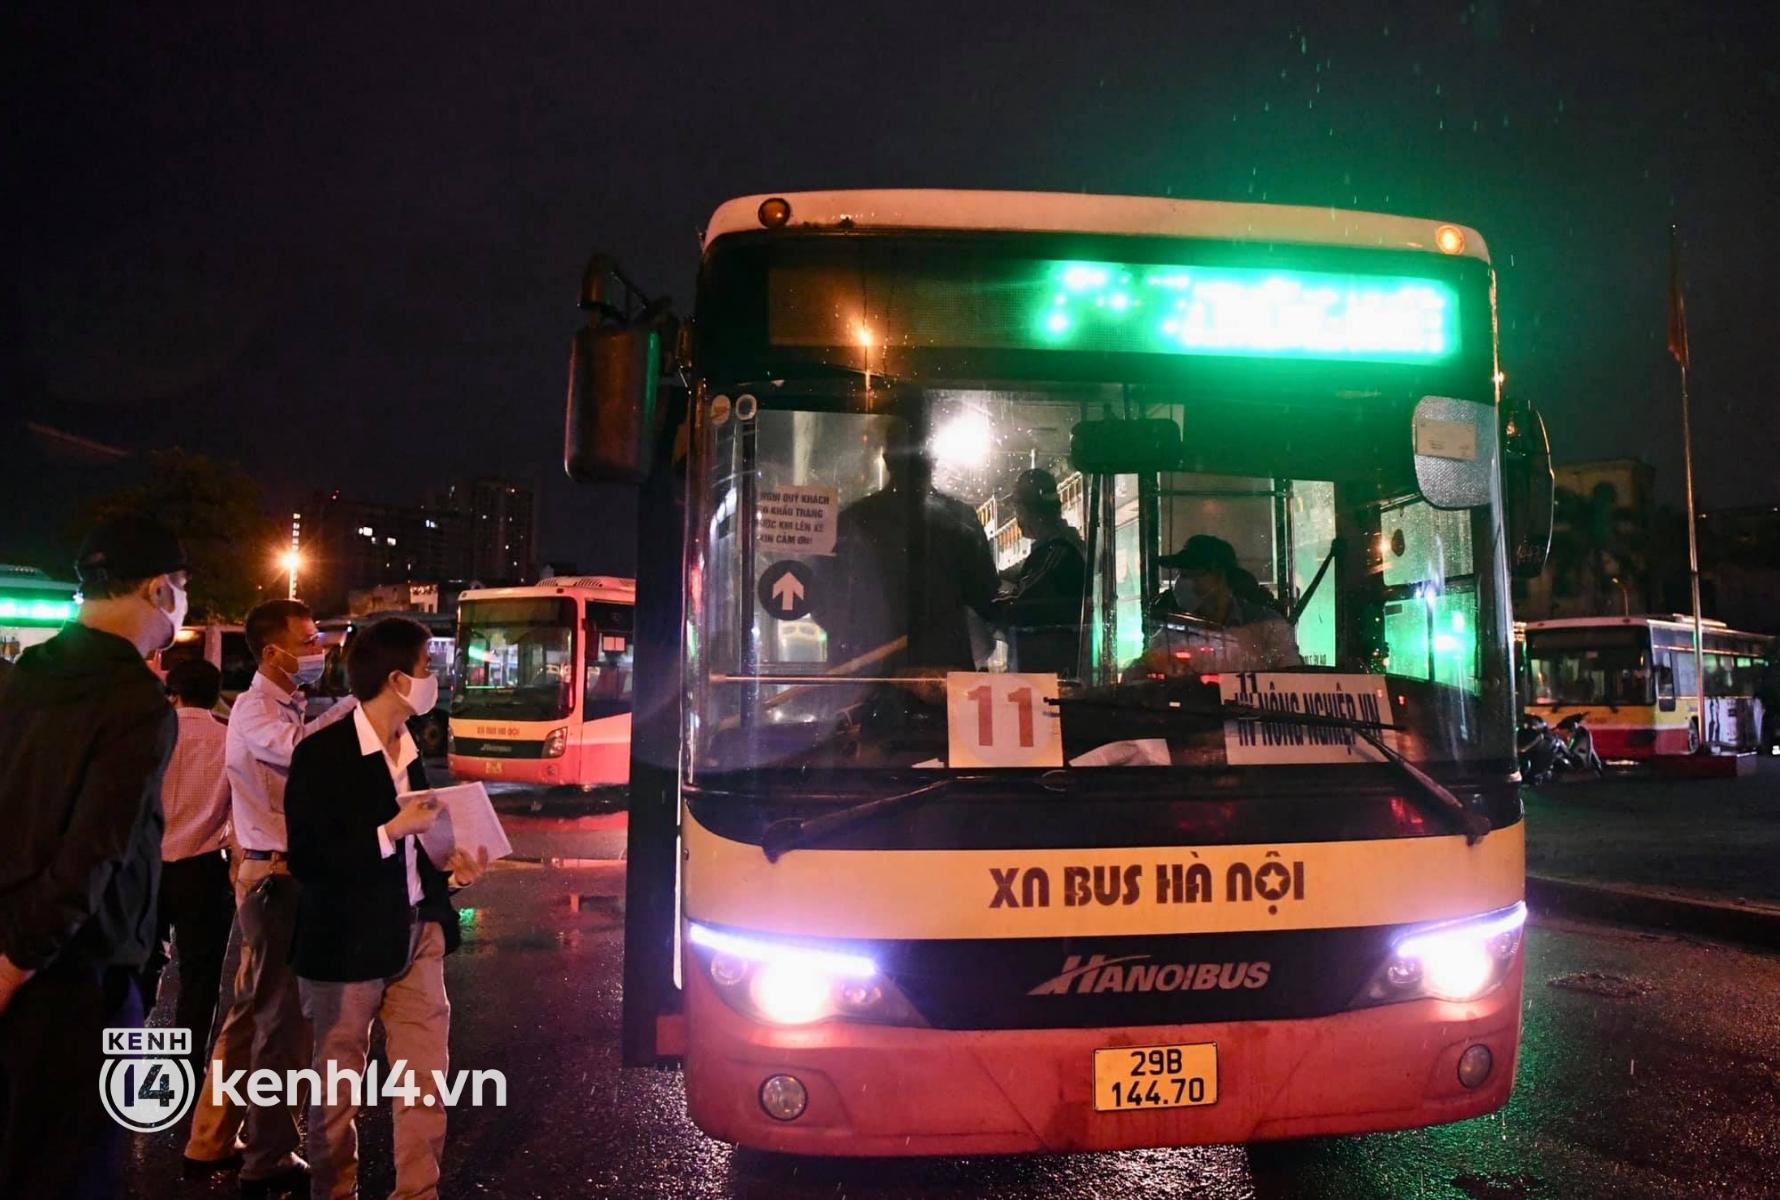 Hà Nội: Xe buýt, taxi hối hả chuẩn bị cho ngày đầu được hoạt động, đón khách trở lại - Ảnh 3.